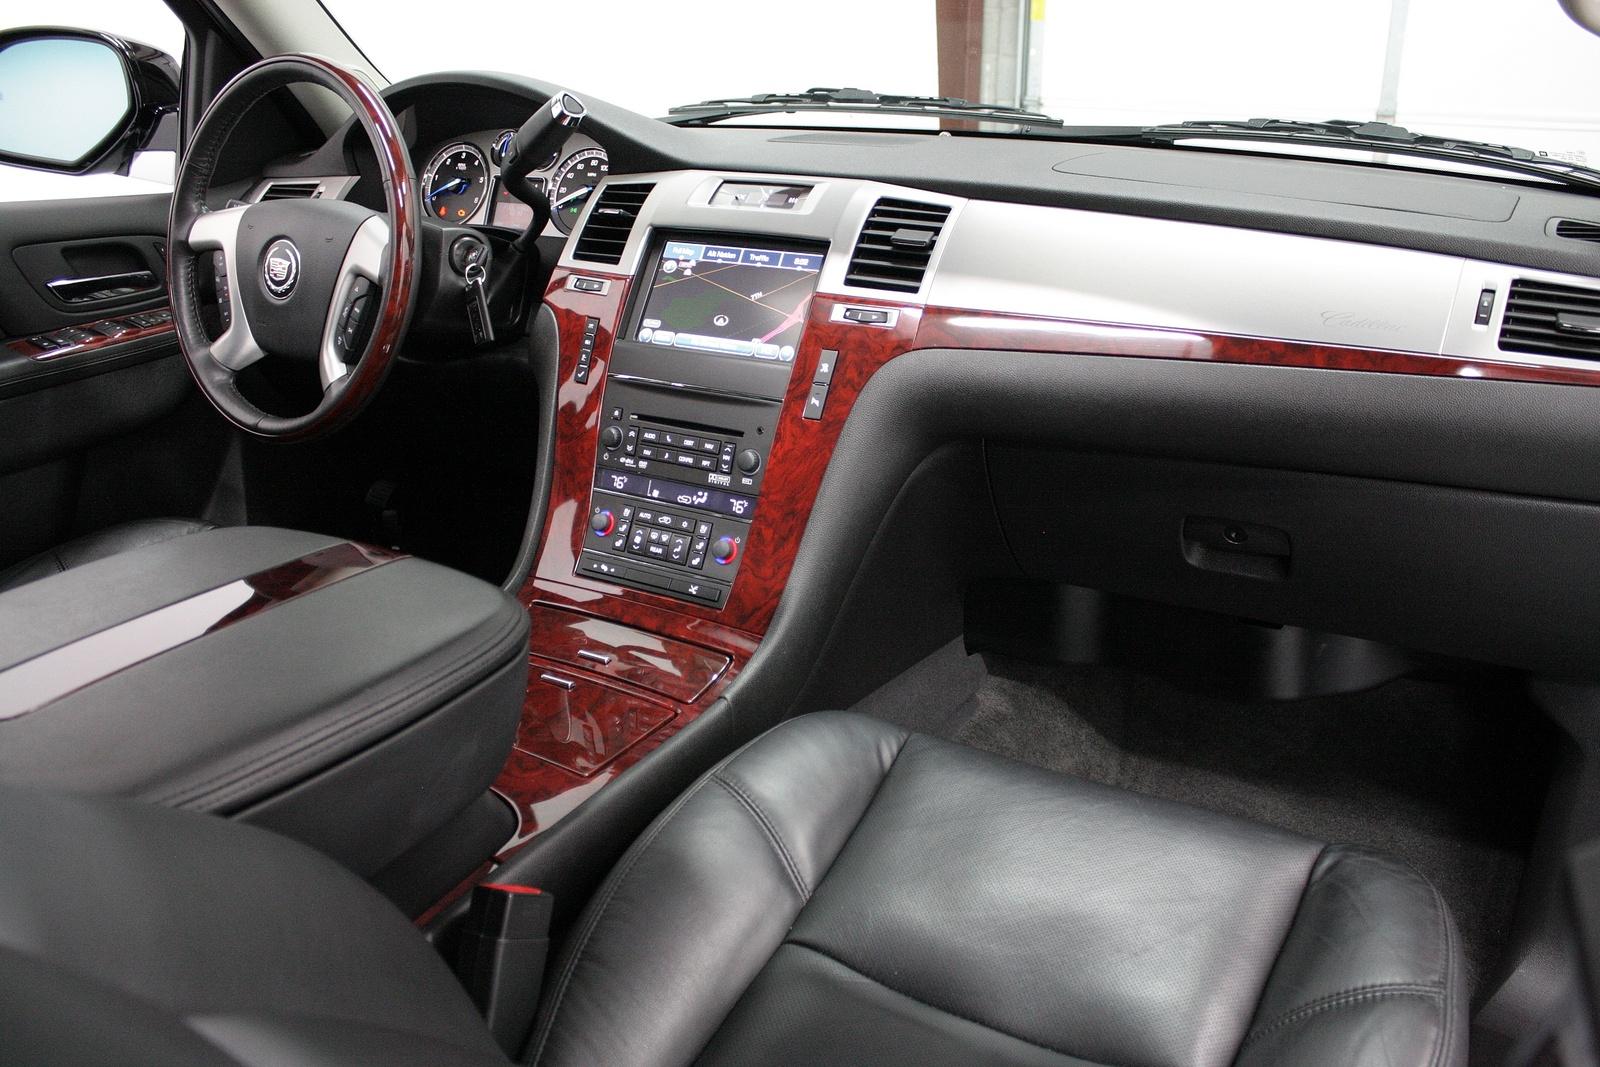 2011 Cadillac Escalade Pictures Cargurus